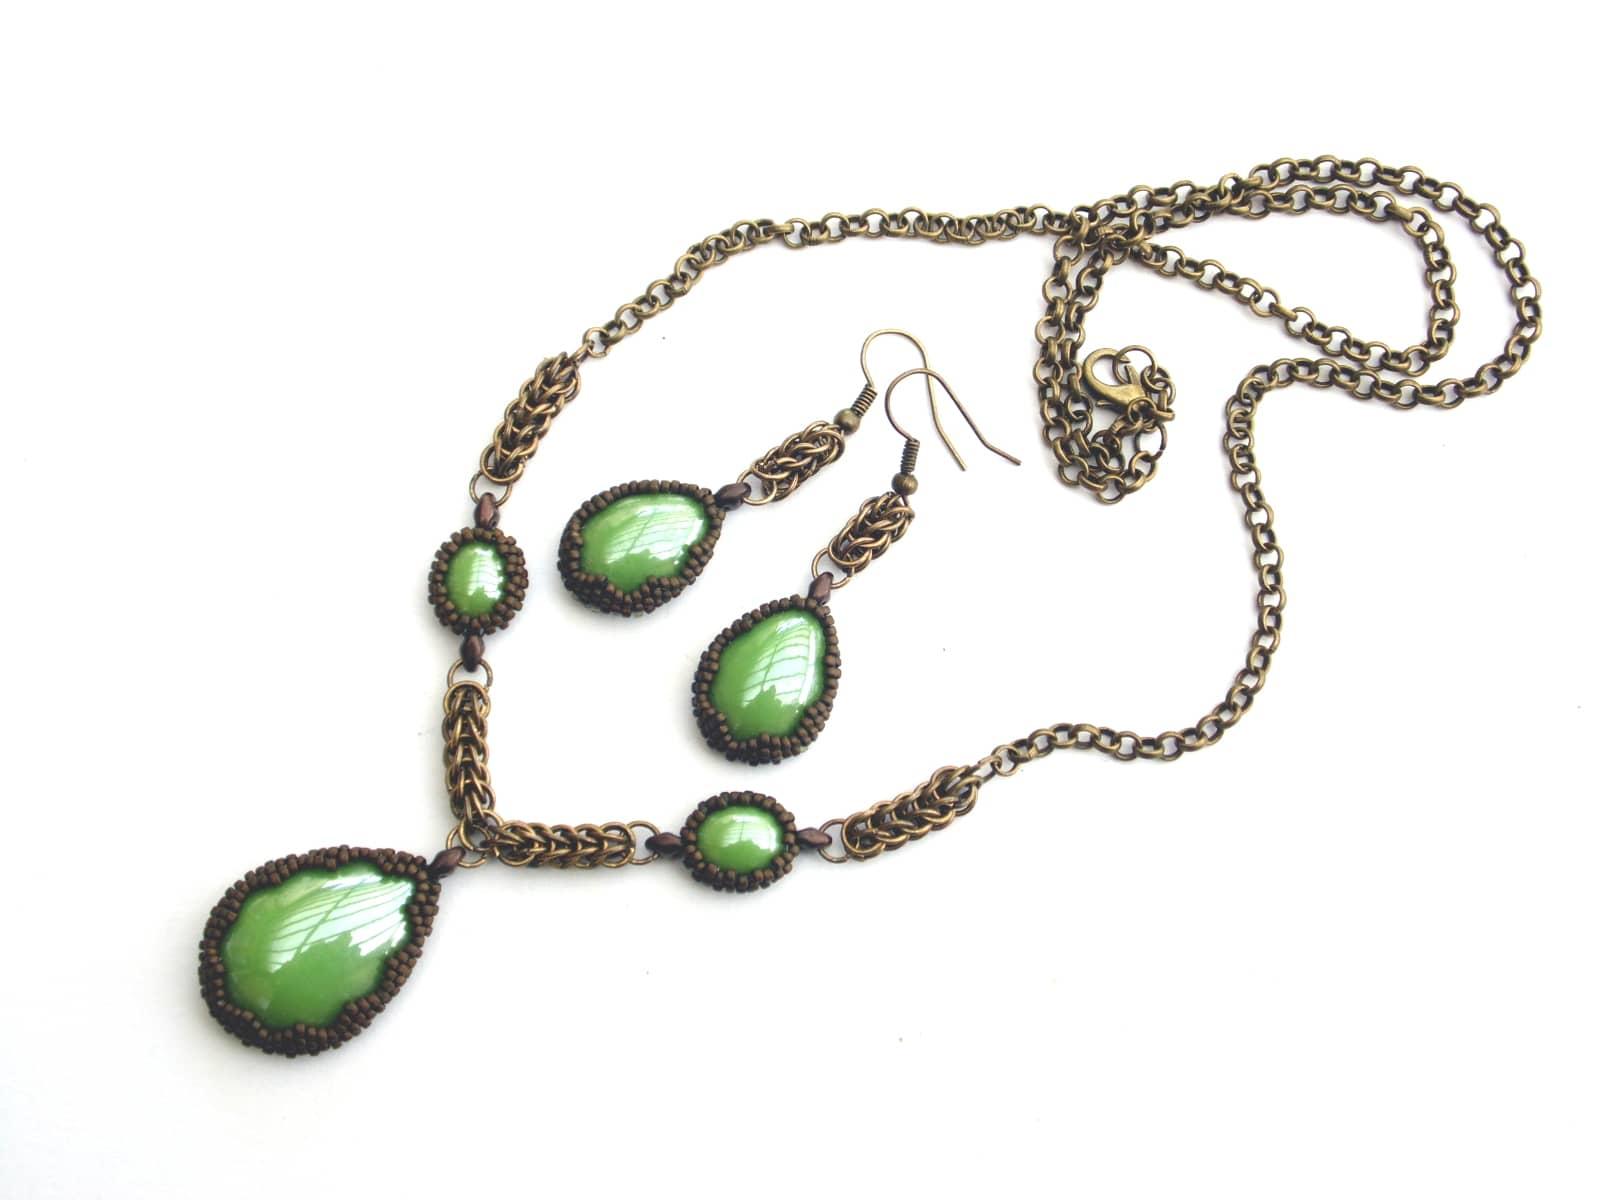 Komplet chainmaillowo-beadingowy z zielonymi ceramicznymi kaboszonami